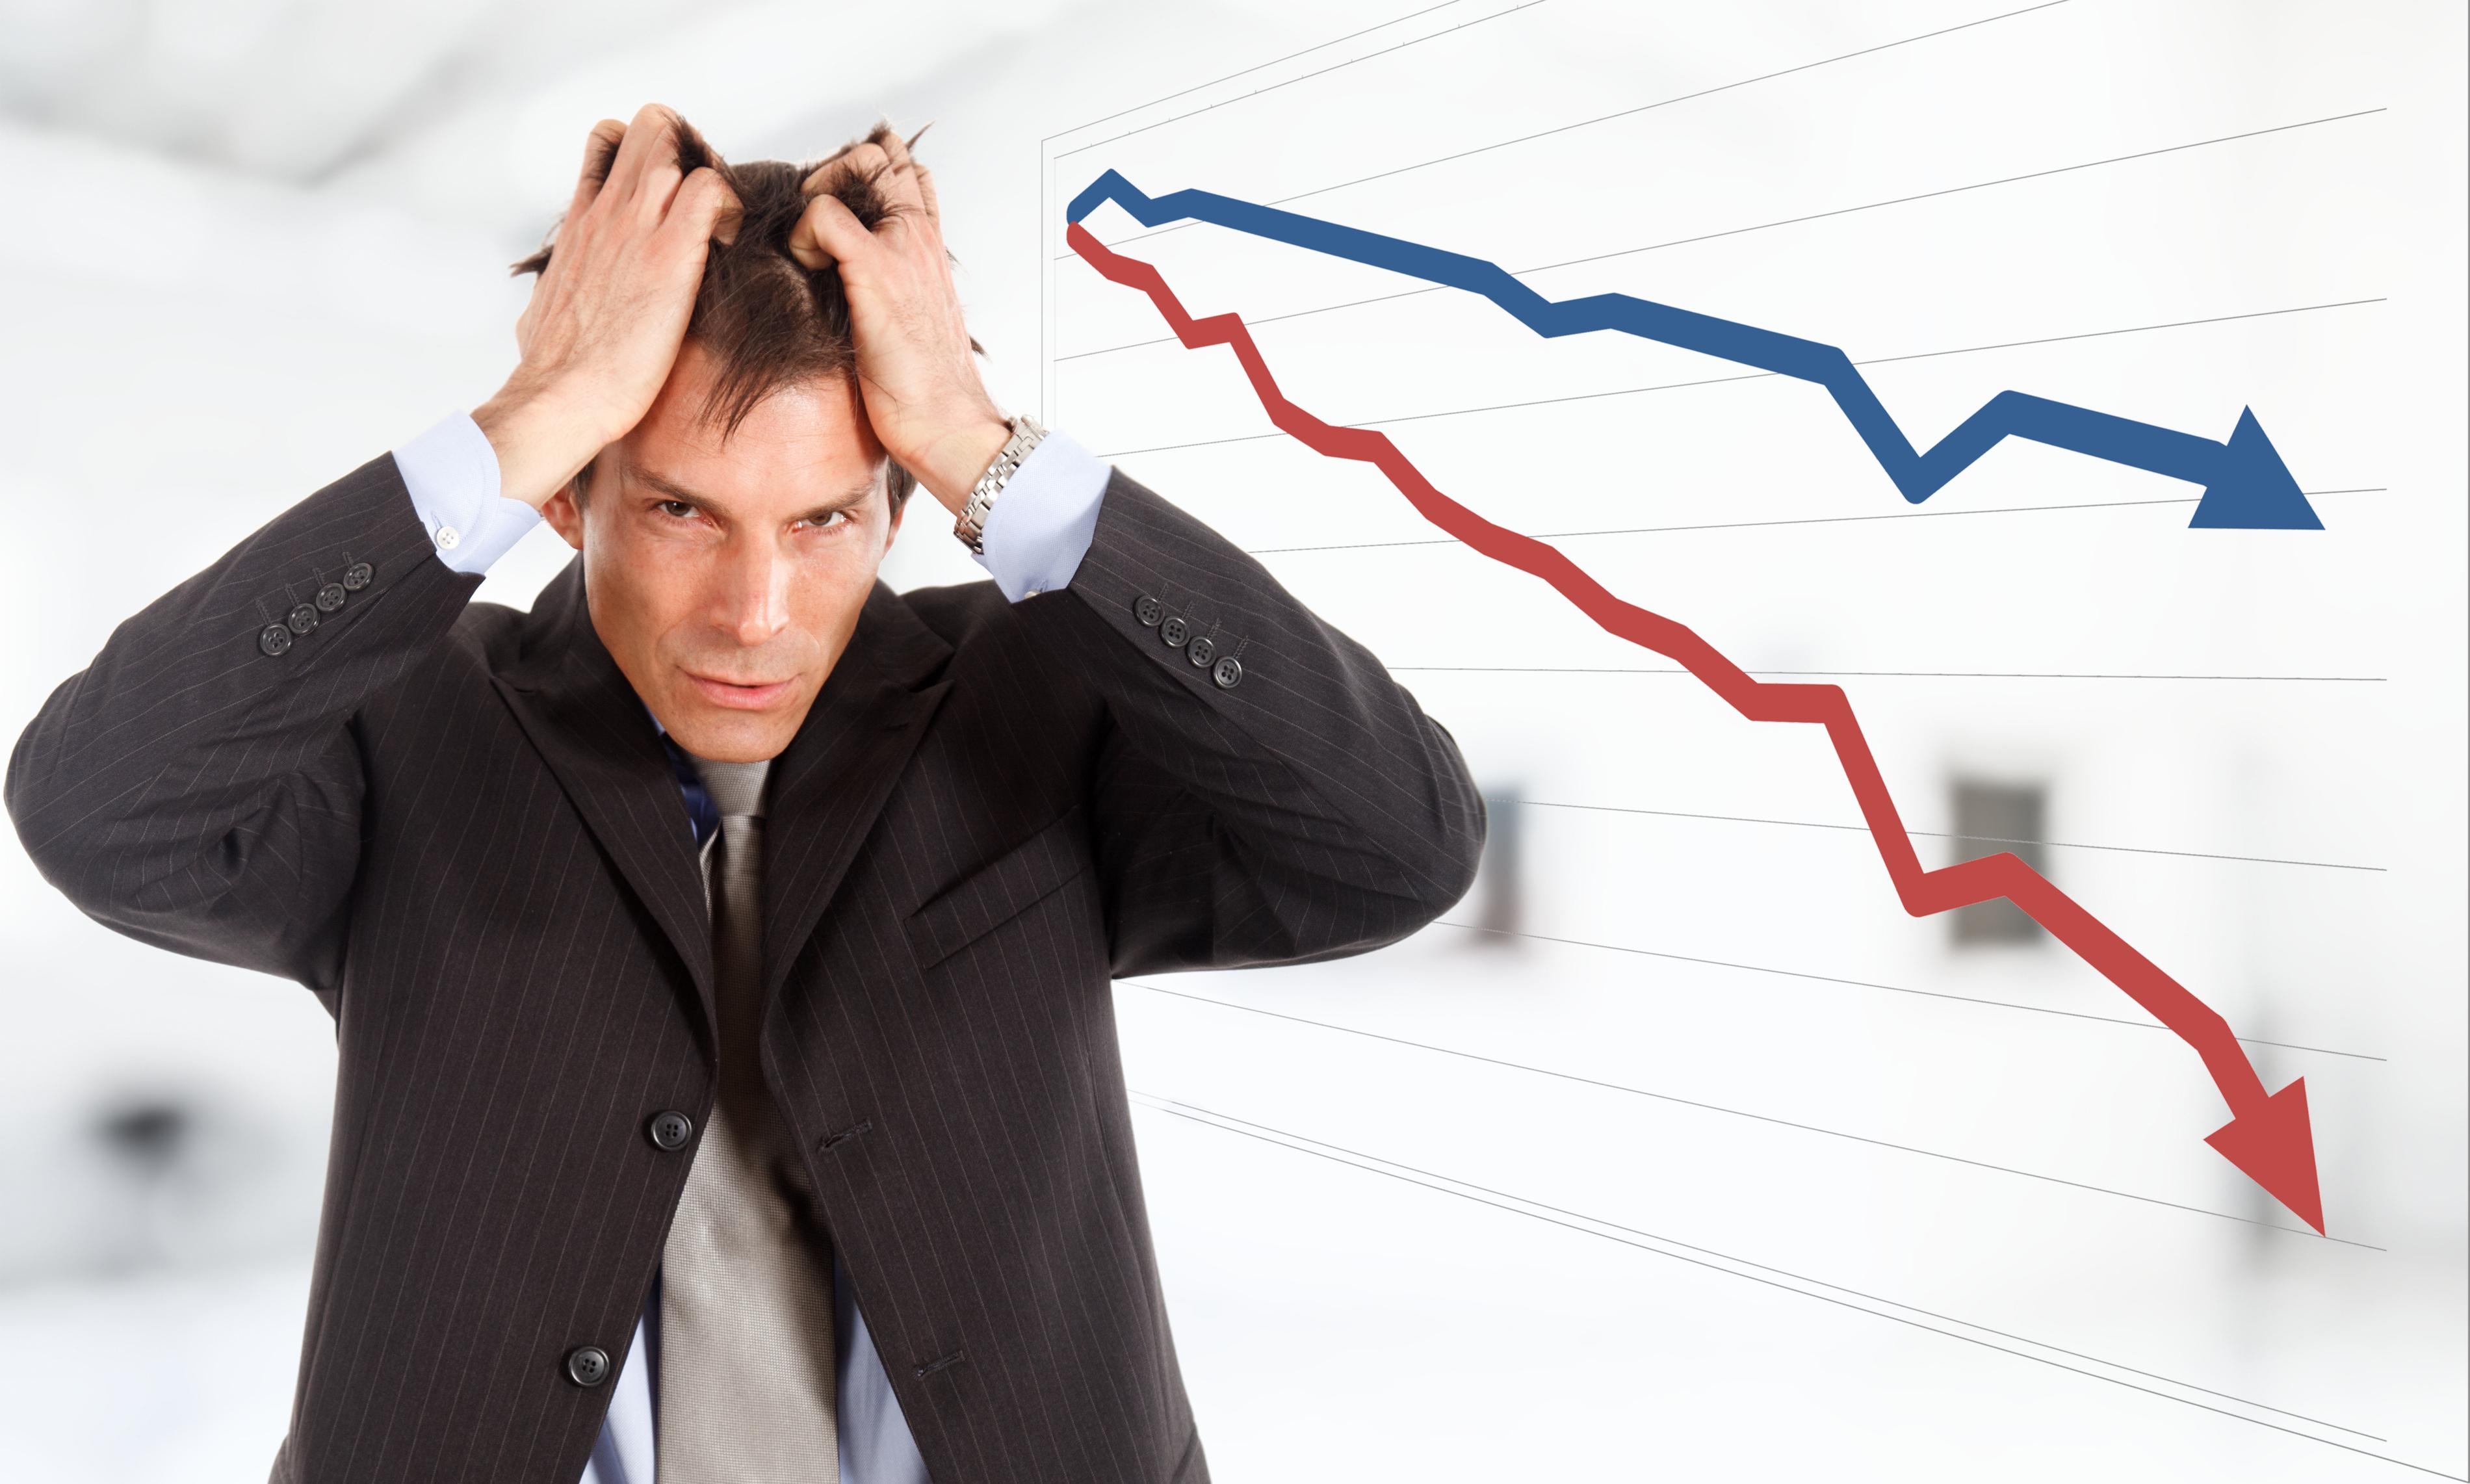 株で失敗する人のイメージ画像